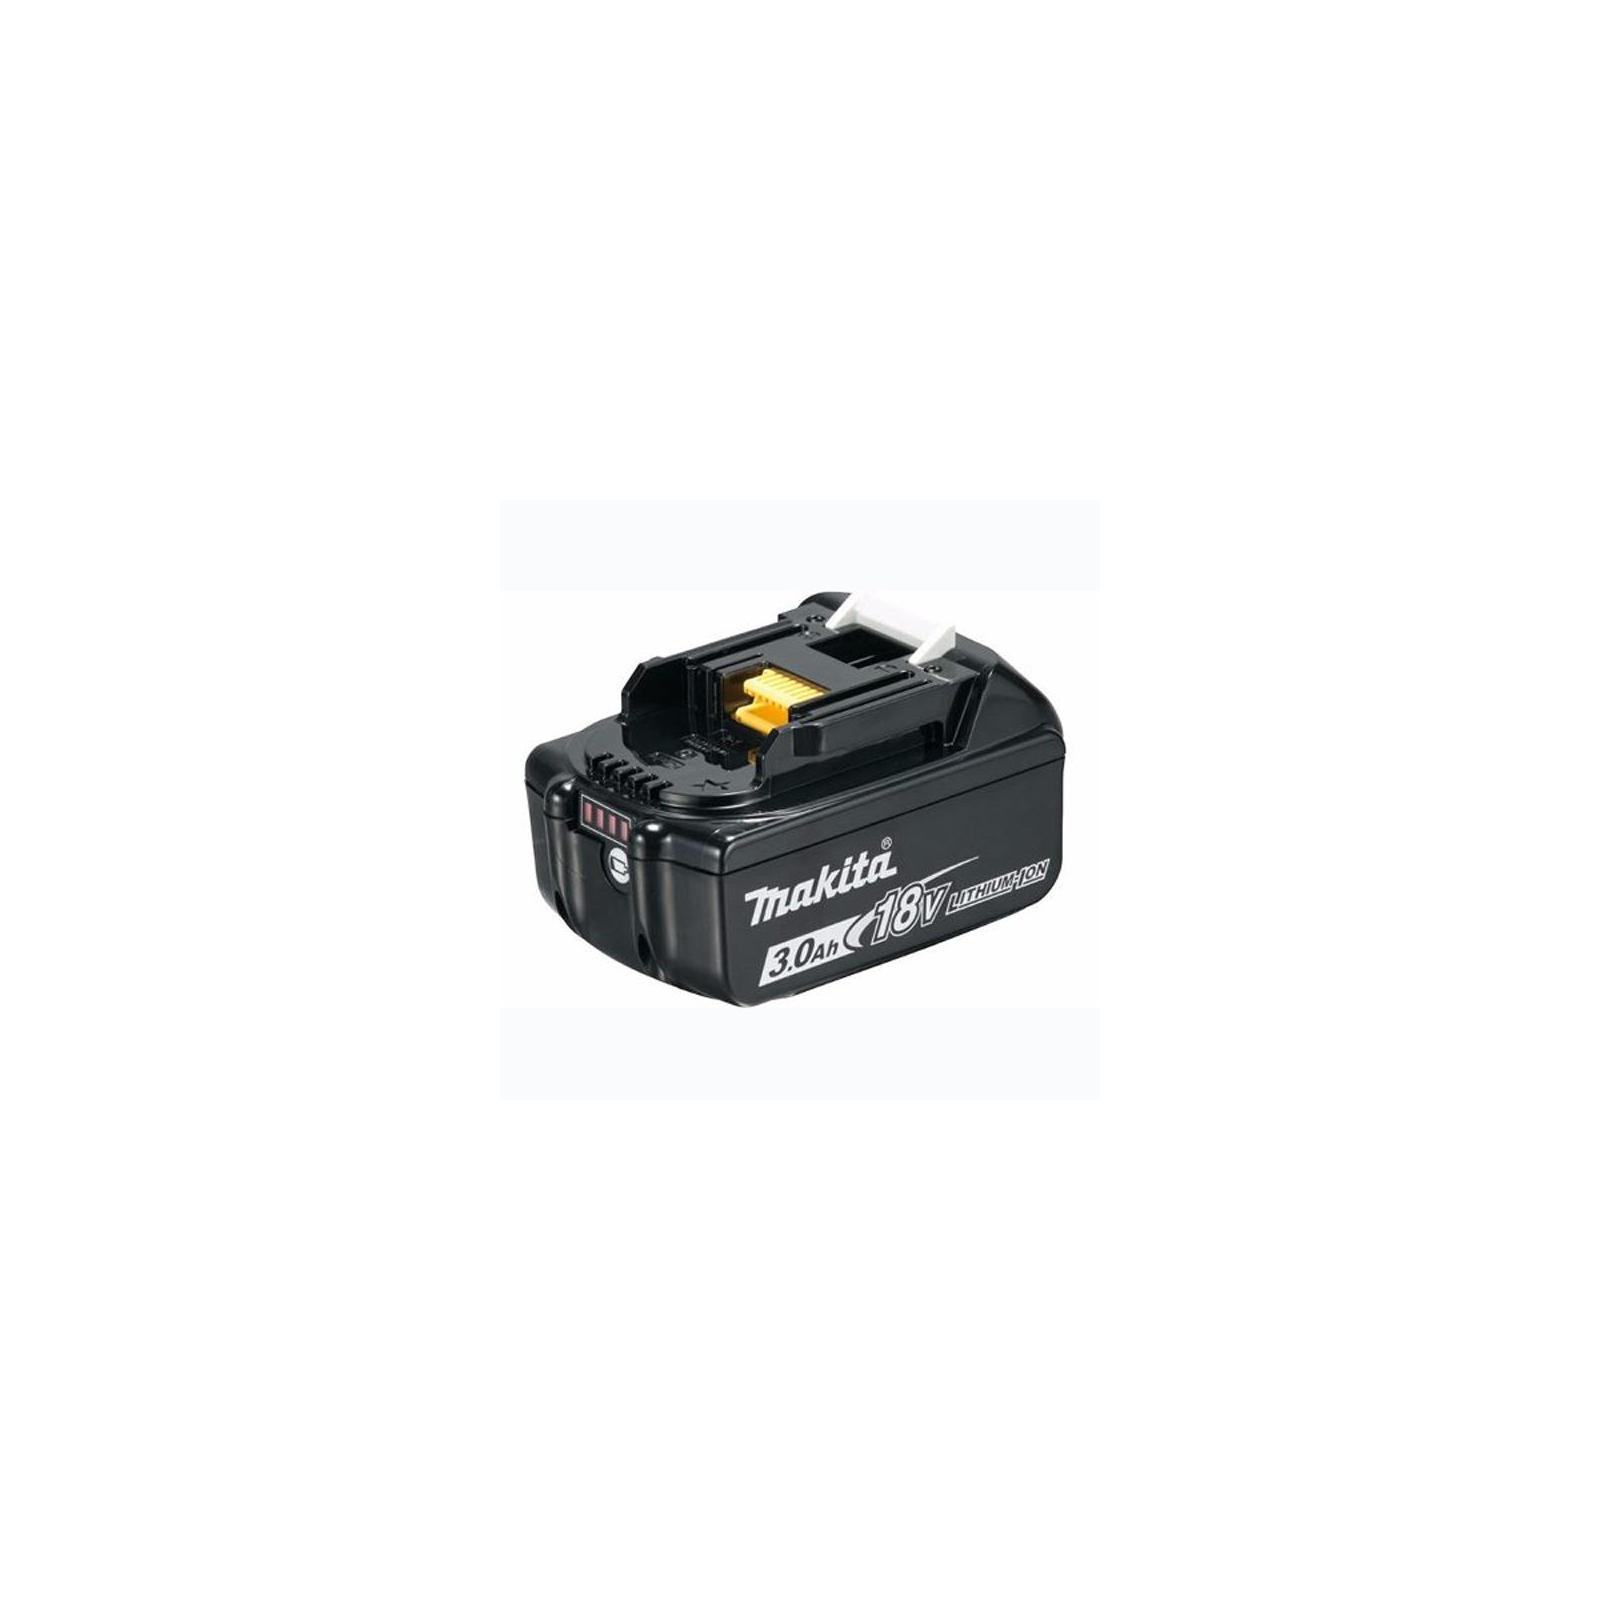 Шлифовальная машина Makita LXT (BL1830Bx4, DC18RD, Makpac4) + DGA504Z (198830-2) изображение 4